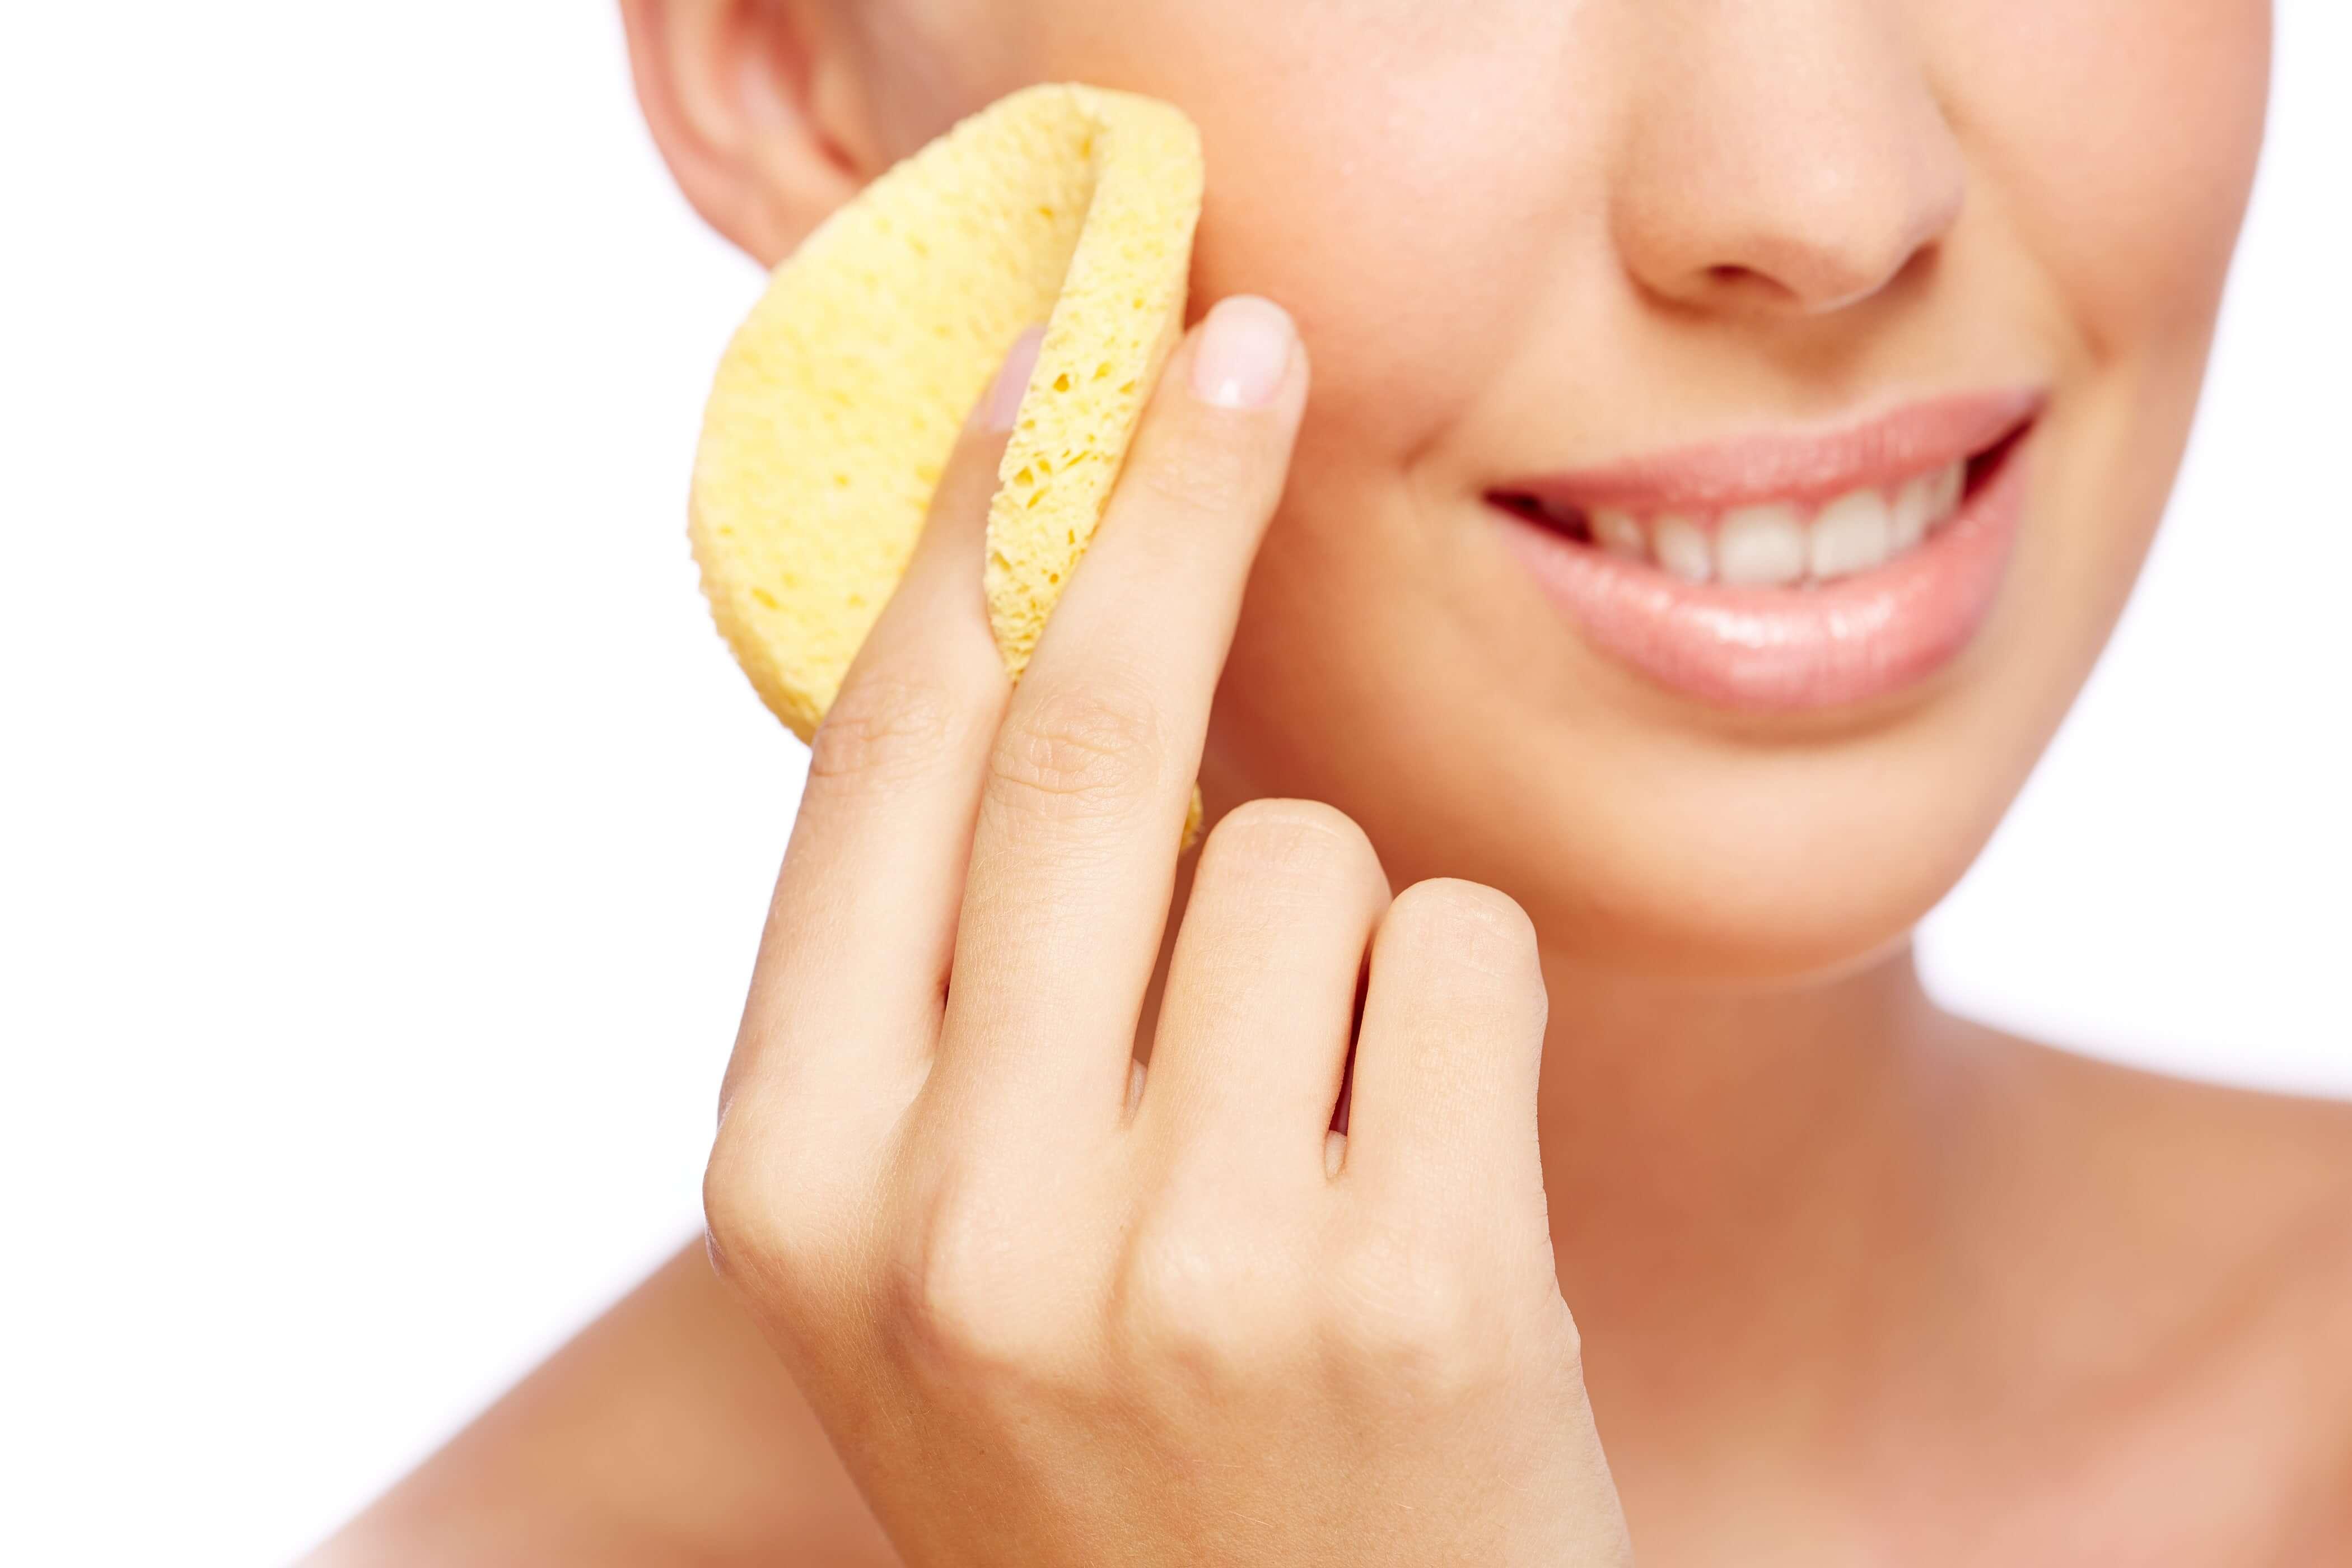 Como fazer uma maquiagem natural e arrasar?